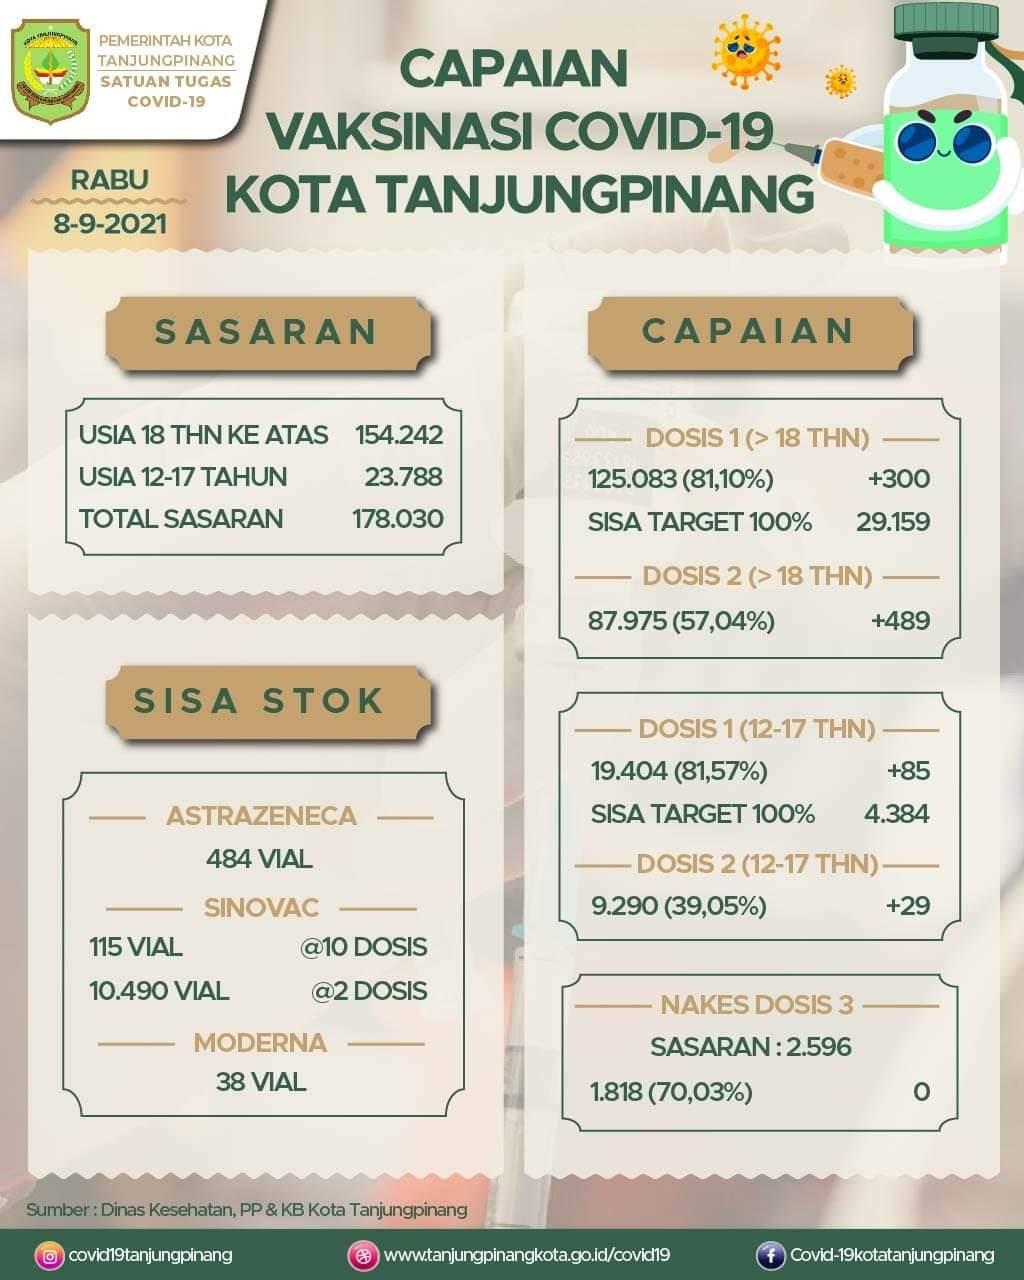 Tabel Capaian Vaksinasi Covid- 19 Di Kota Tanjungpinang.